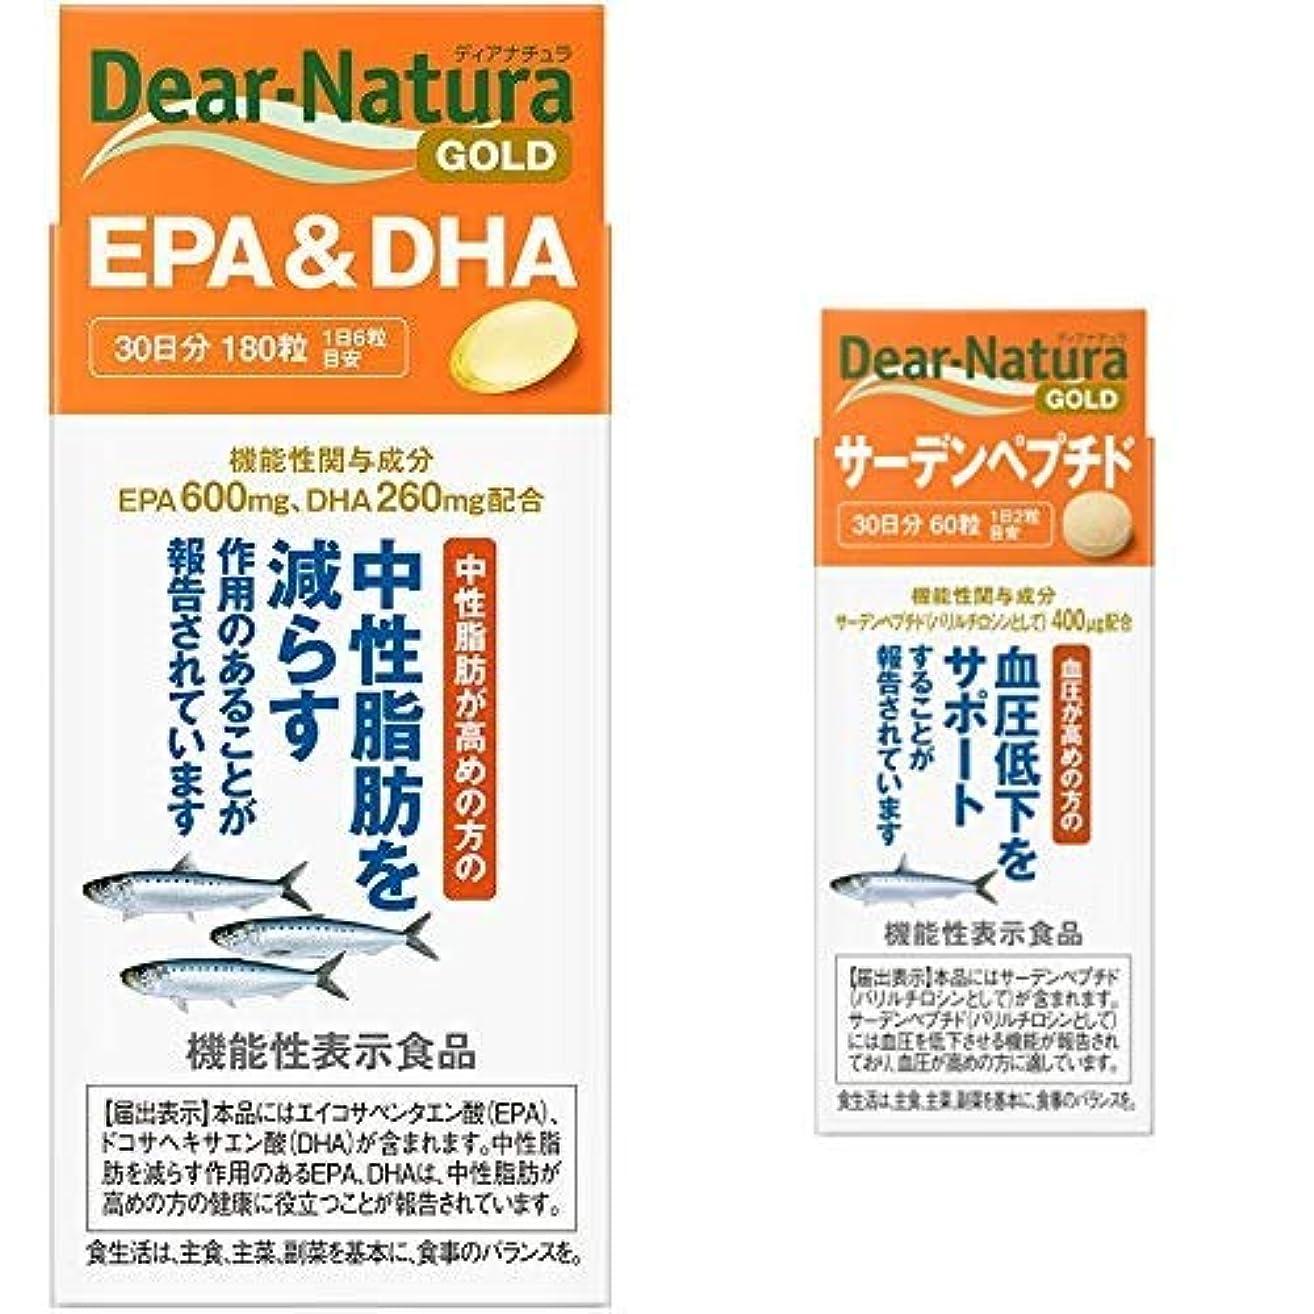 遊び場センチメートルに慣れ【セット買い】ディアナチュラゴールド EPA&DHA 30日分 [機能性表示食品] & サーデンペプチド 30日分 [機能性表示食品]